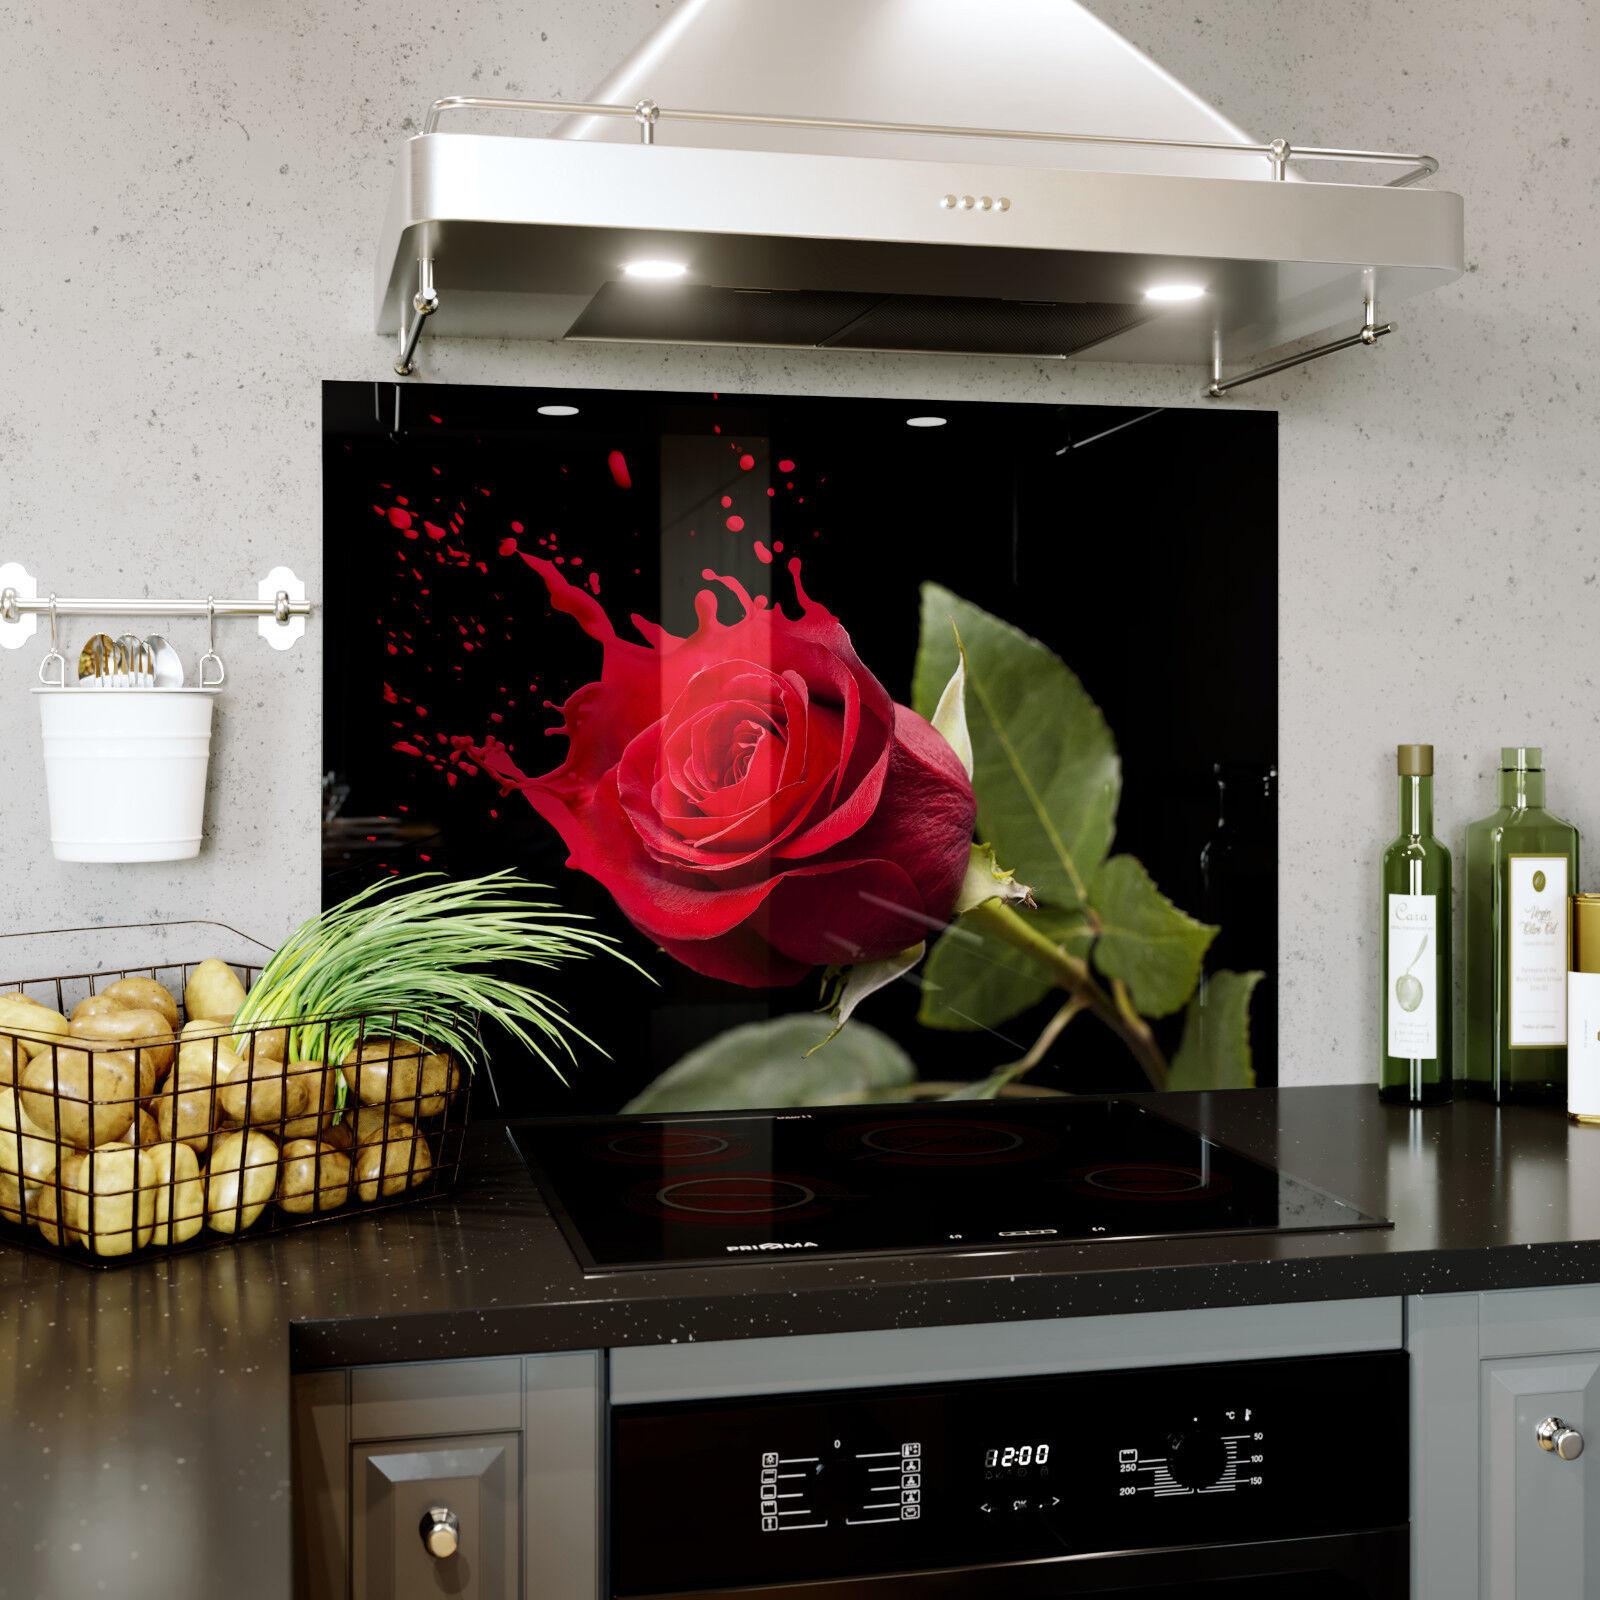 Vidrio Templado De Cocina Cocina Cocina salpicaduras Panel Pa rojo  Prizma SB0319 Negro  Rojo  Rosa Splash 2b9784